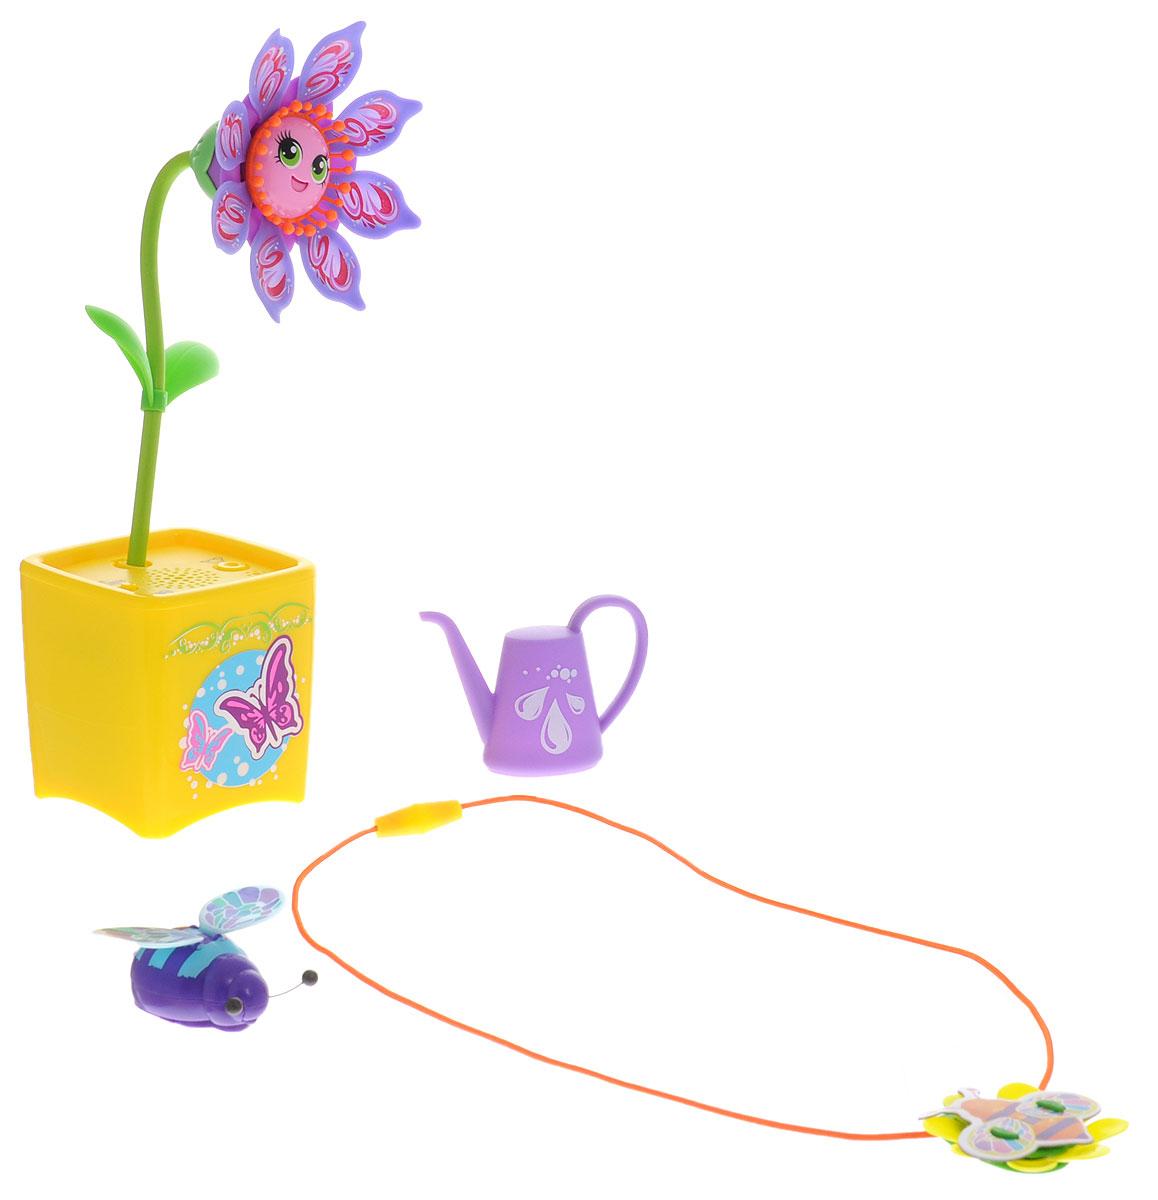 Magic Blooms Интерактивная игрушка Волшебный цветок с ожерельем и волшебным жучком - Интерактивные игрушки